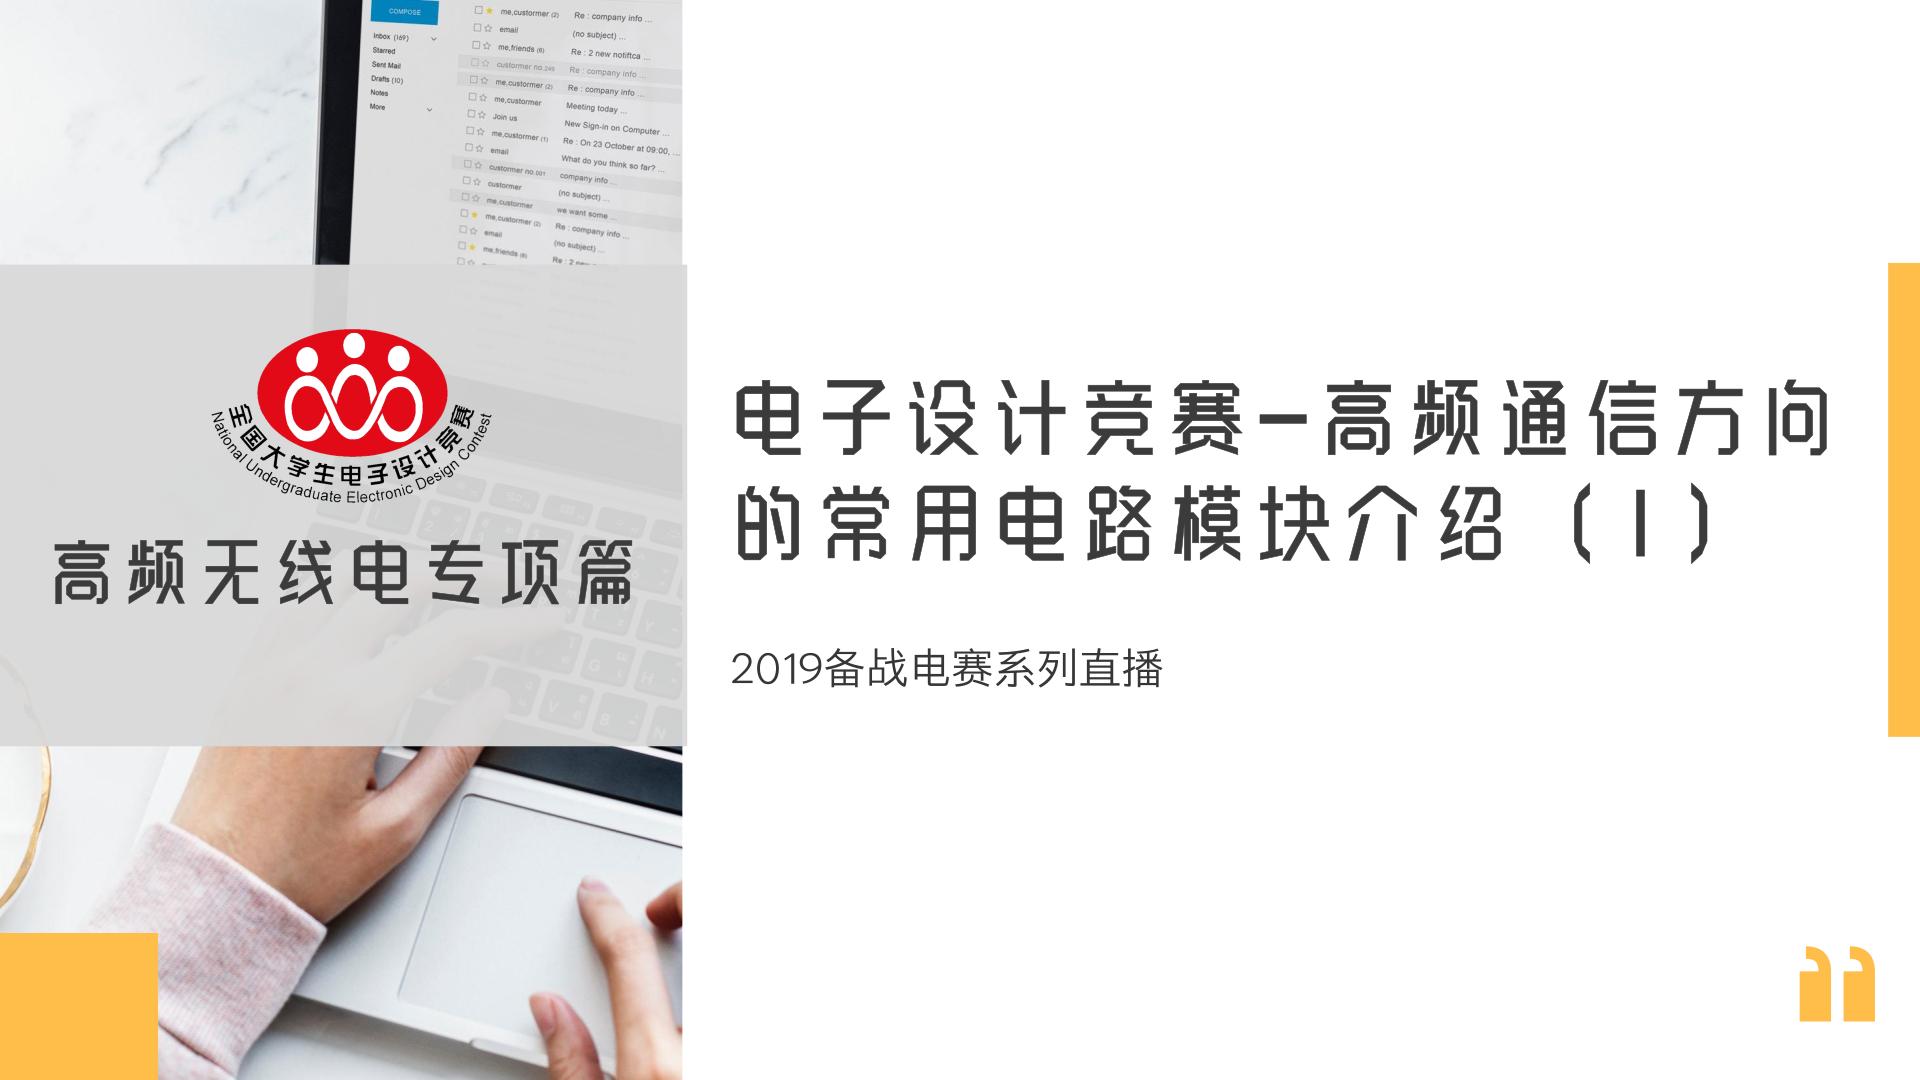 【高频无线电篇-2】2019电赛:高频通信方向的常用电路模块介绍(1)